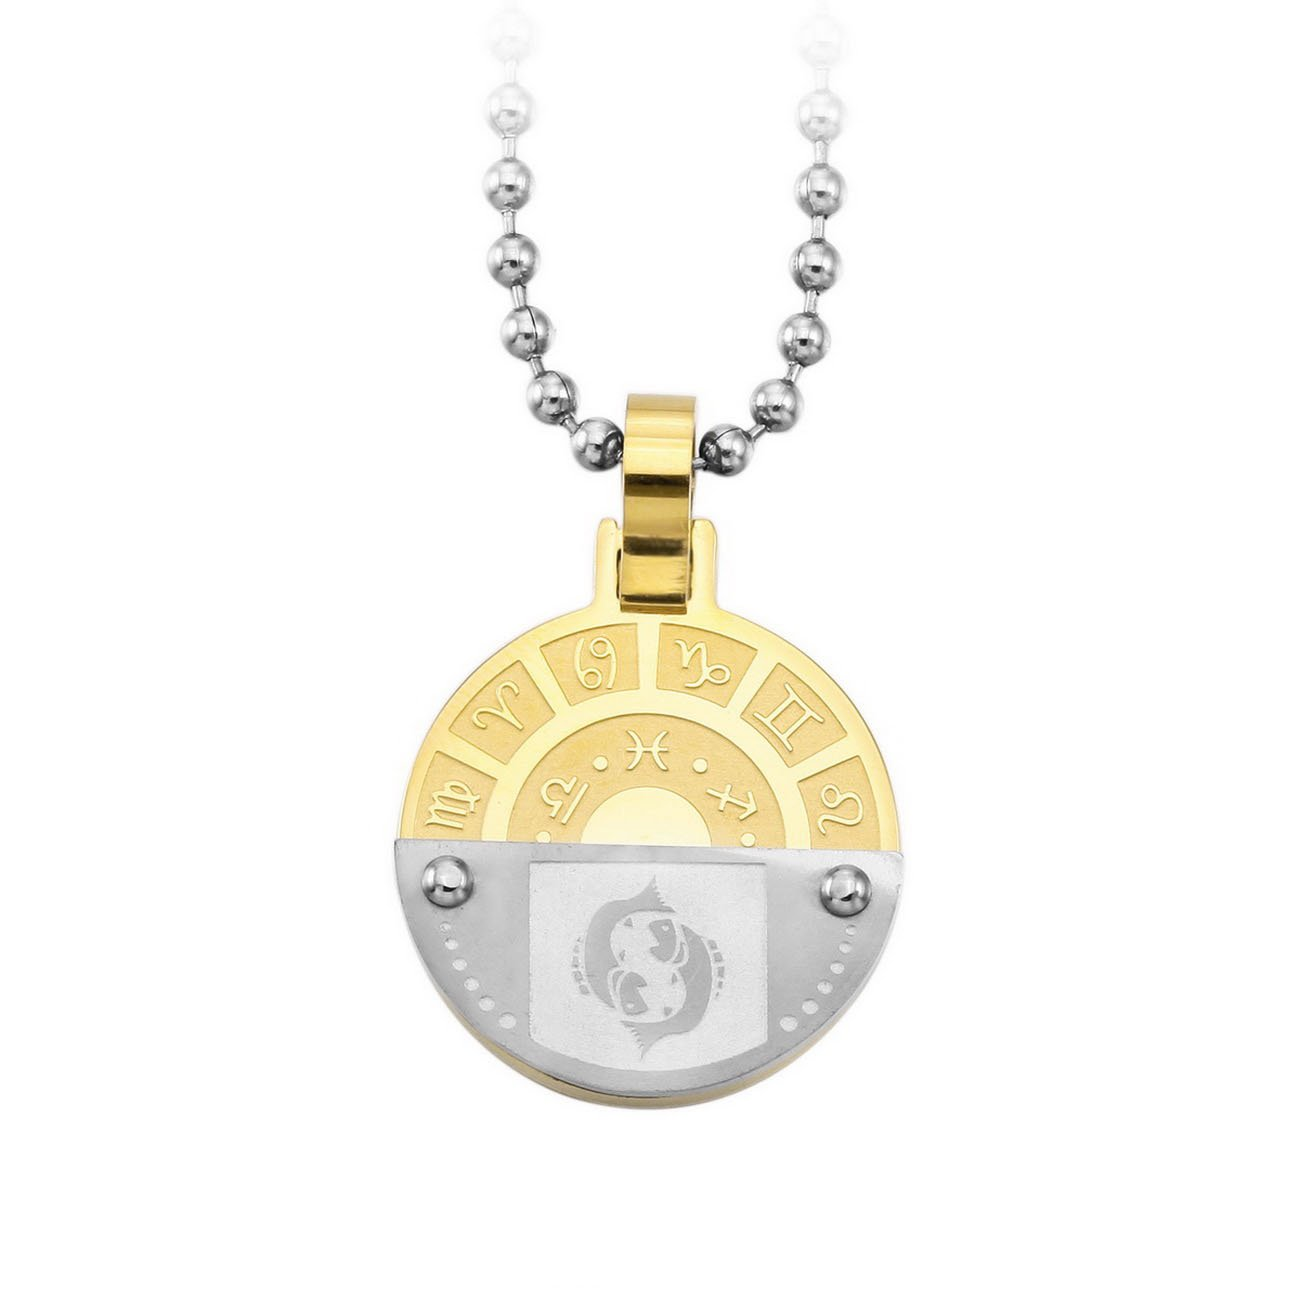 MeMeDIY Silber Golden Ton Edelstahl Anhä nger Halskette Horoskop Tierkreis Sternzeichen, mit 58cm Kette Gravur mit 58cm Kette - Kundenspezifische Gravur de3030208-08